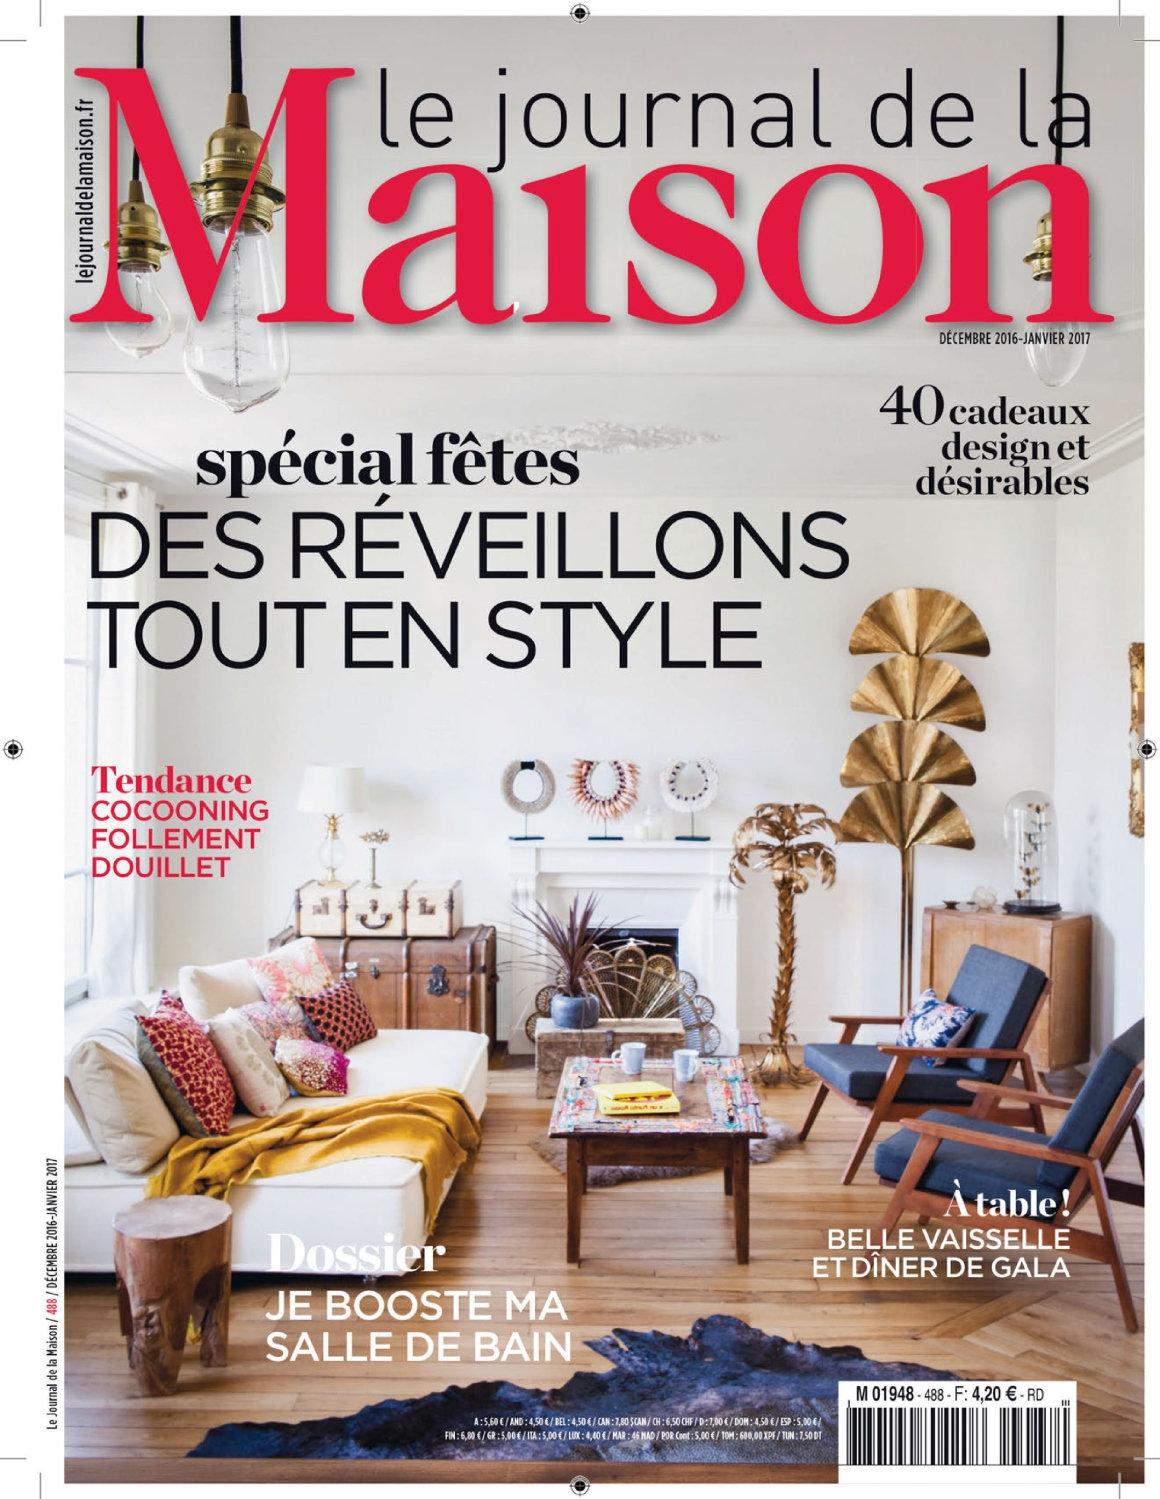 Le Journal de la Maison 488 - Décembre 2016 / Janvier 2017